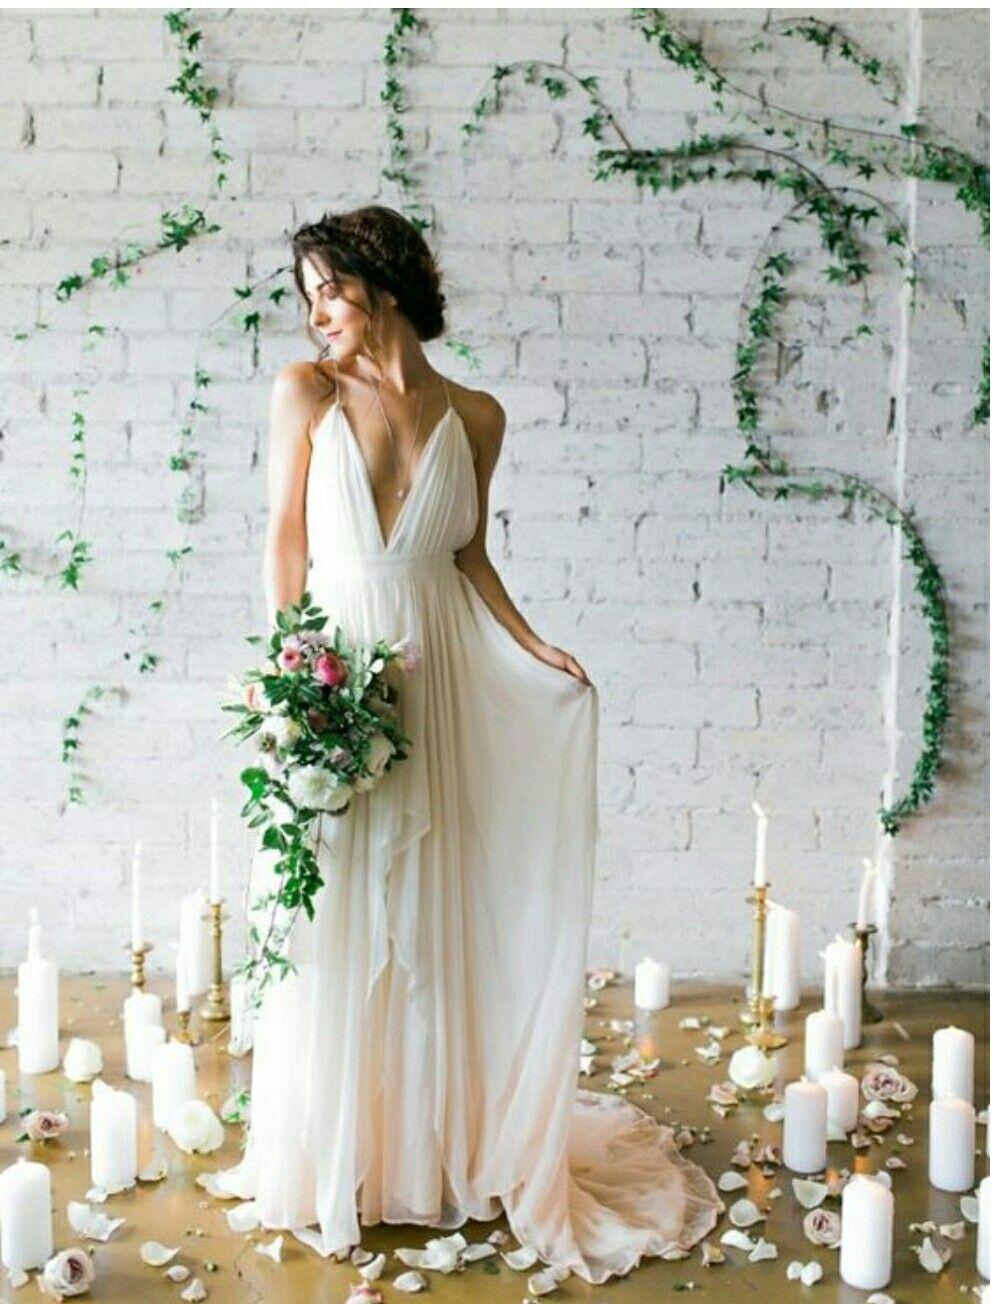 Pin von Megan Freeman auf Wedding | Pinterest